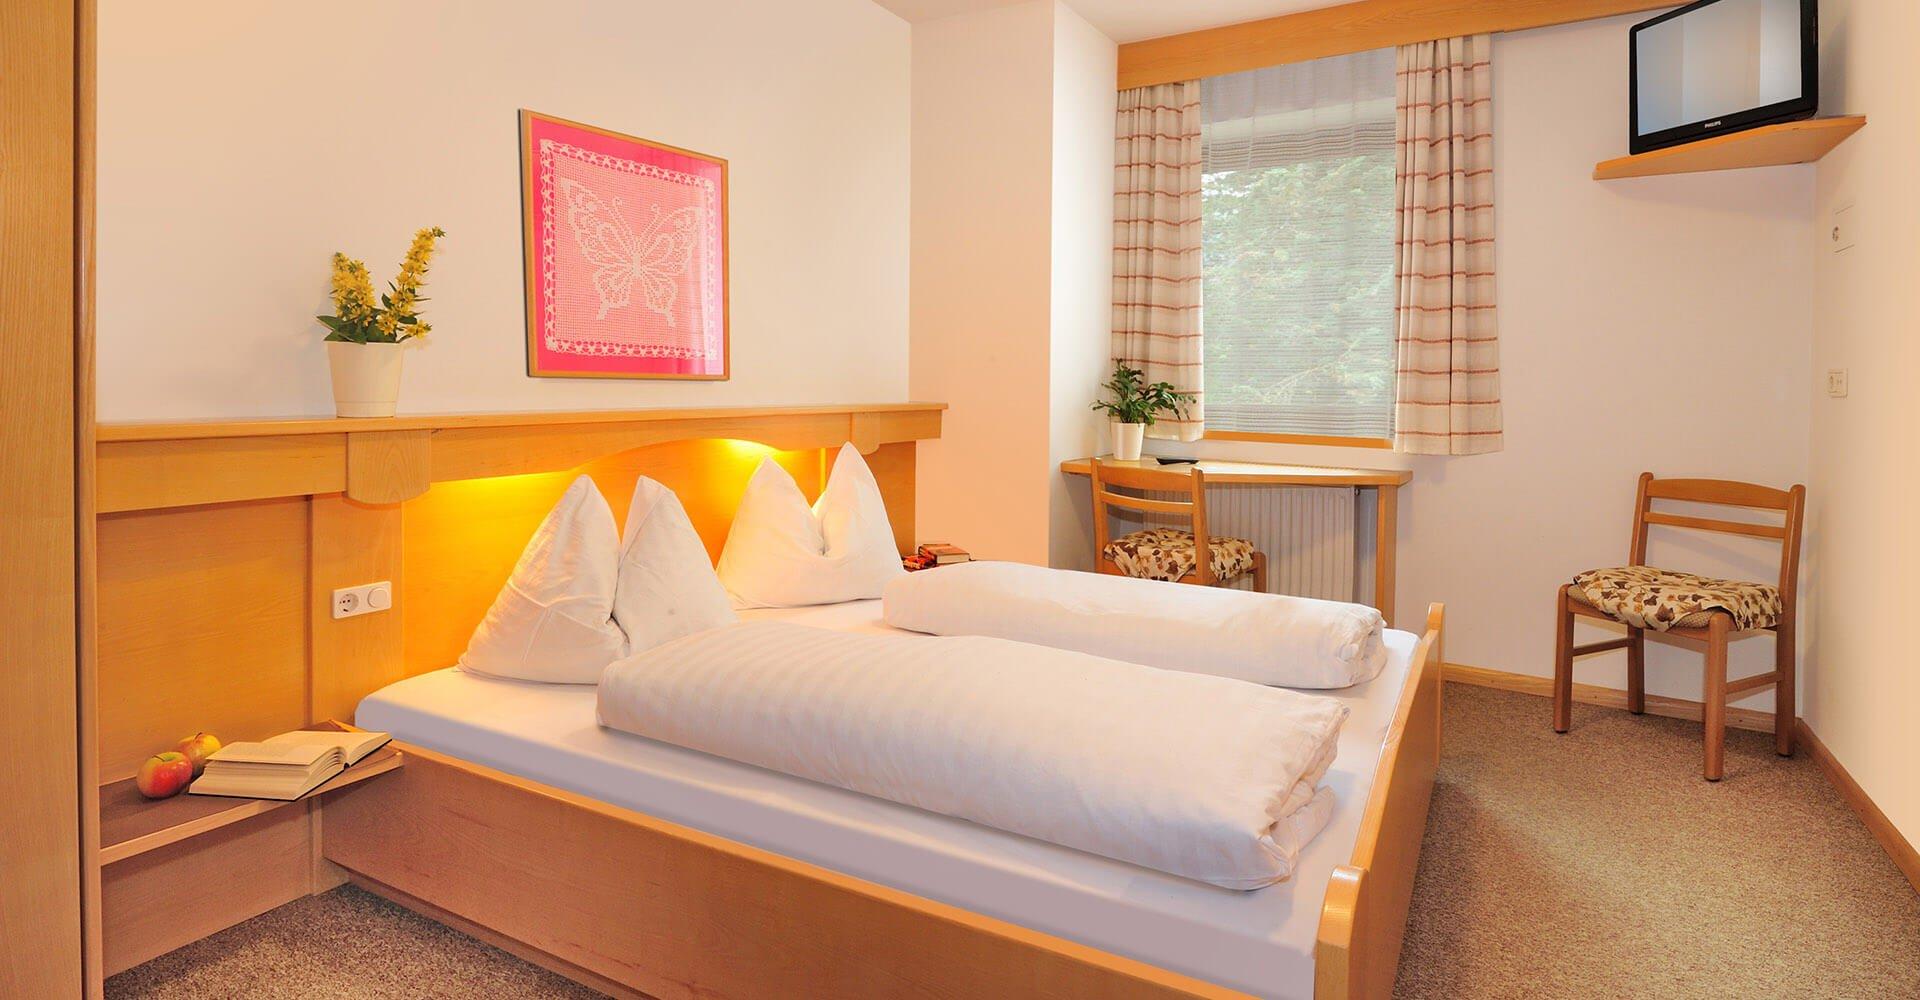 Unterkunft in Südtirol: Zimmer und Suiten in Natz/Schabs